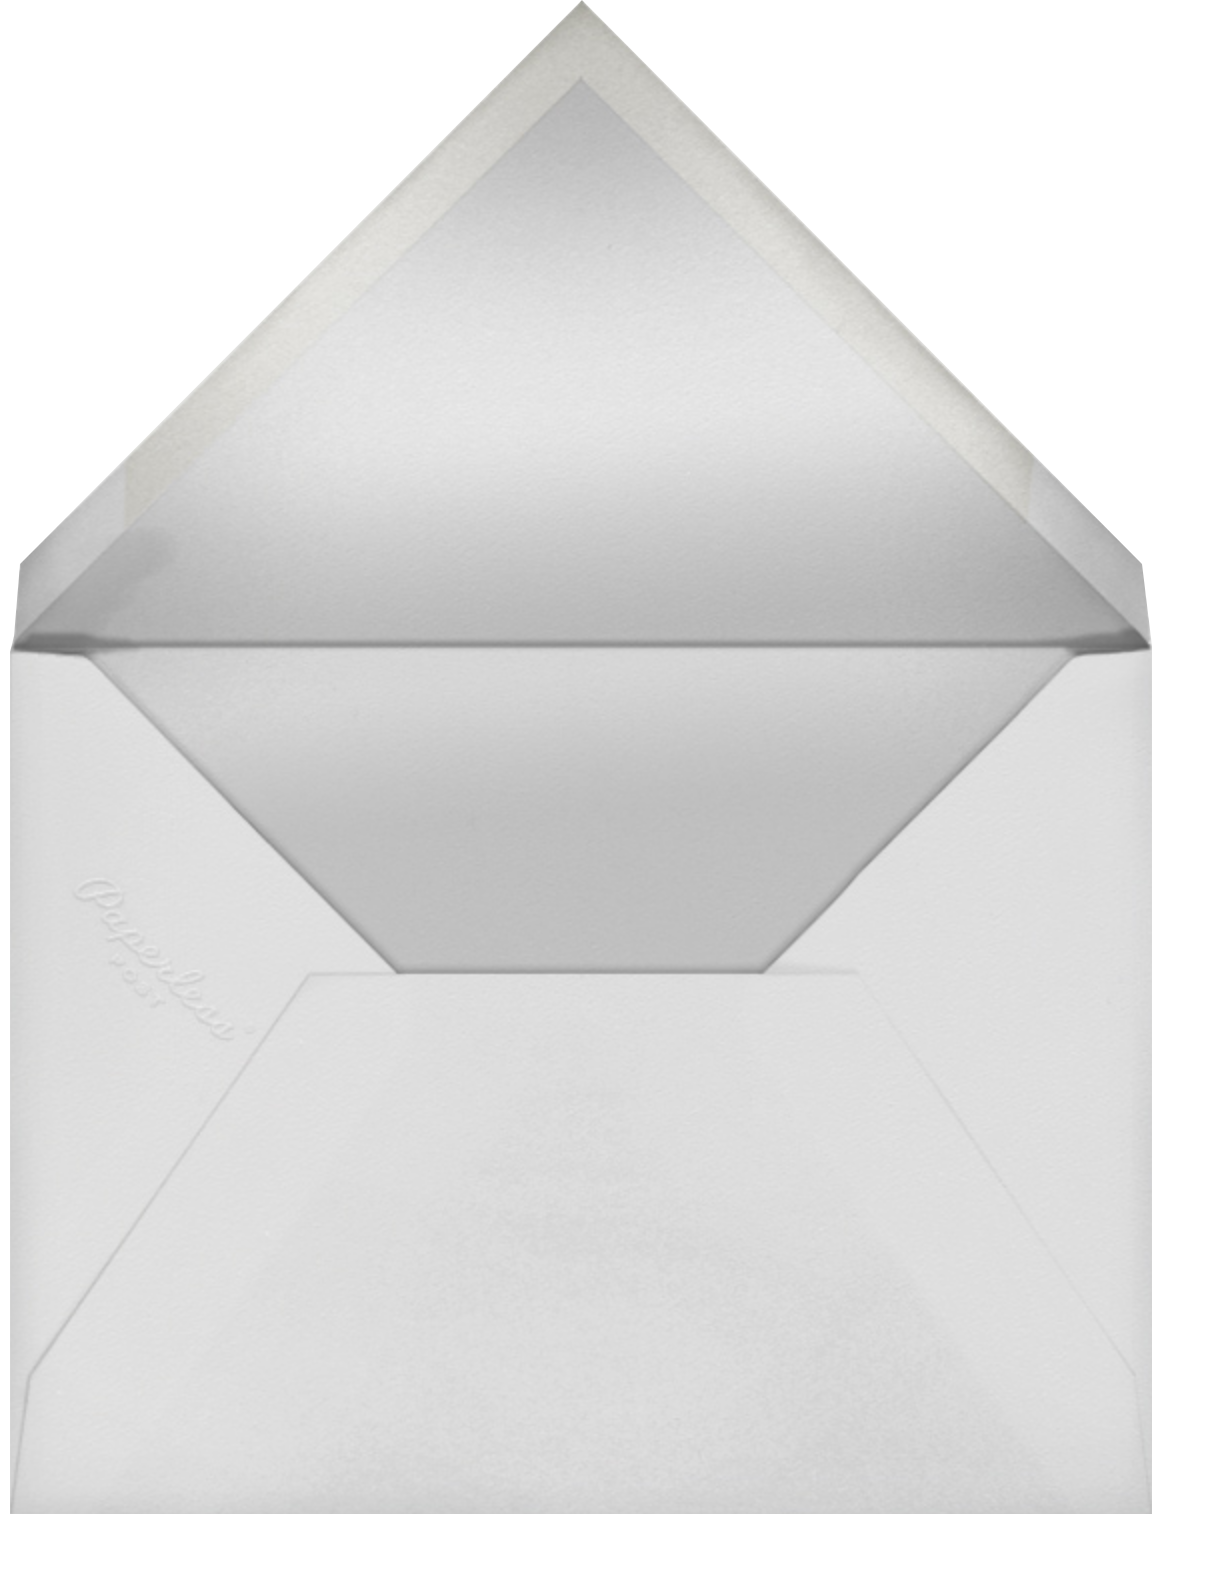 Belvoir (Menu) - Chipboard - Paperless Post - Envelope